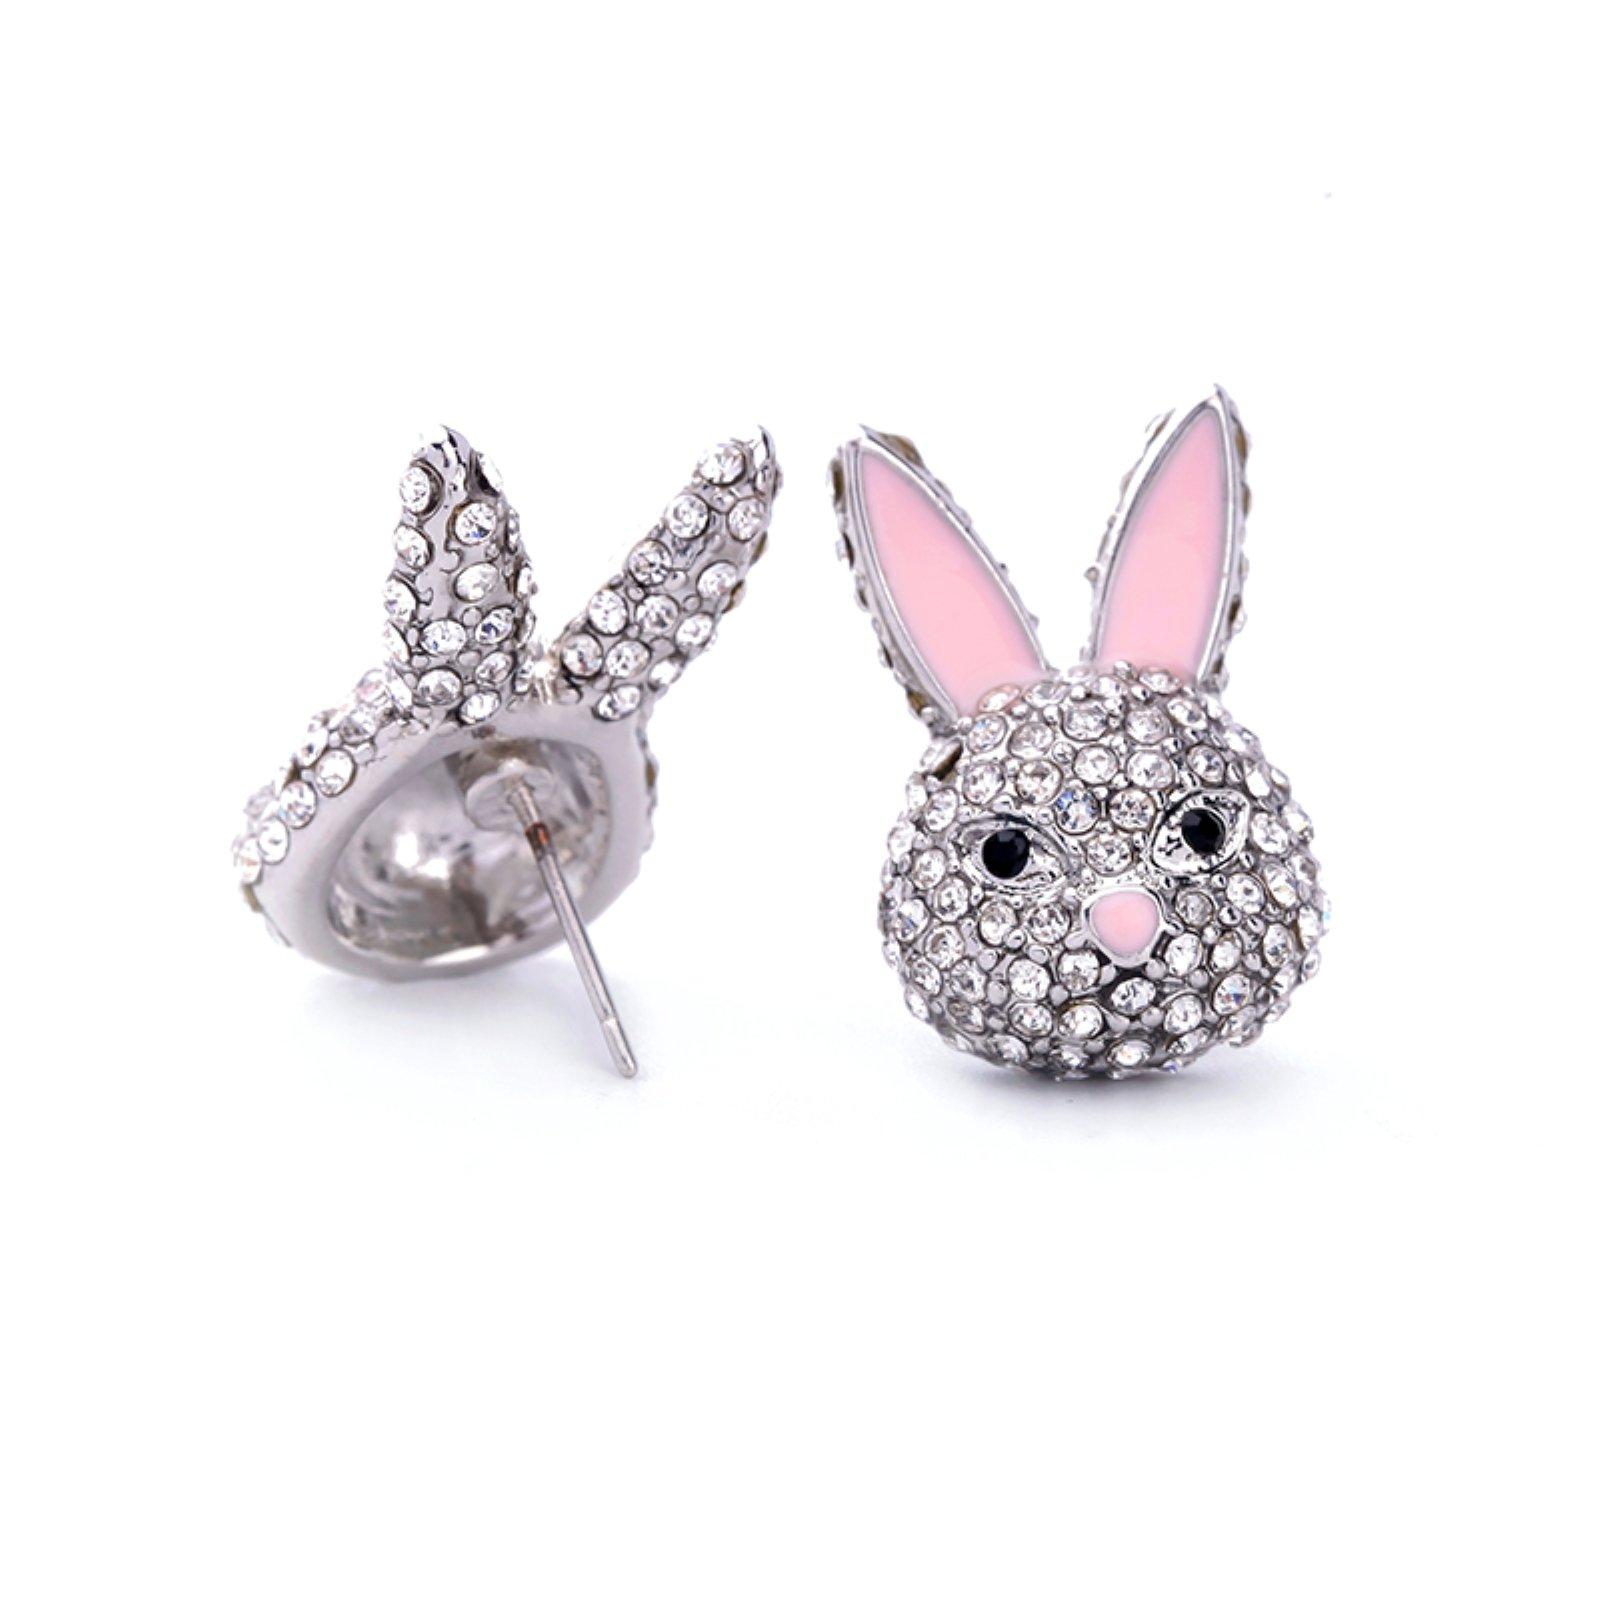 ptk12 Cute Crystal Pink Enamel Pompon Rabbit Earrings for Women Fashion Double Side Animal Earrings Jewelry Accessories